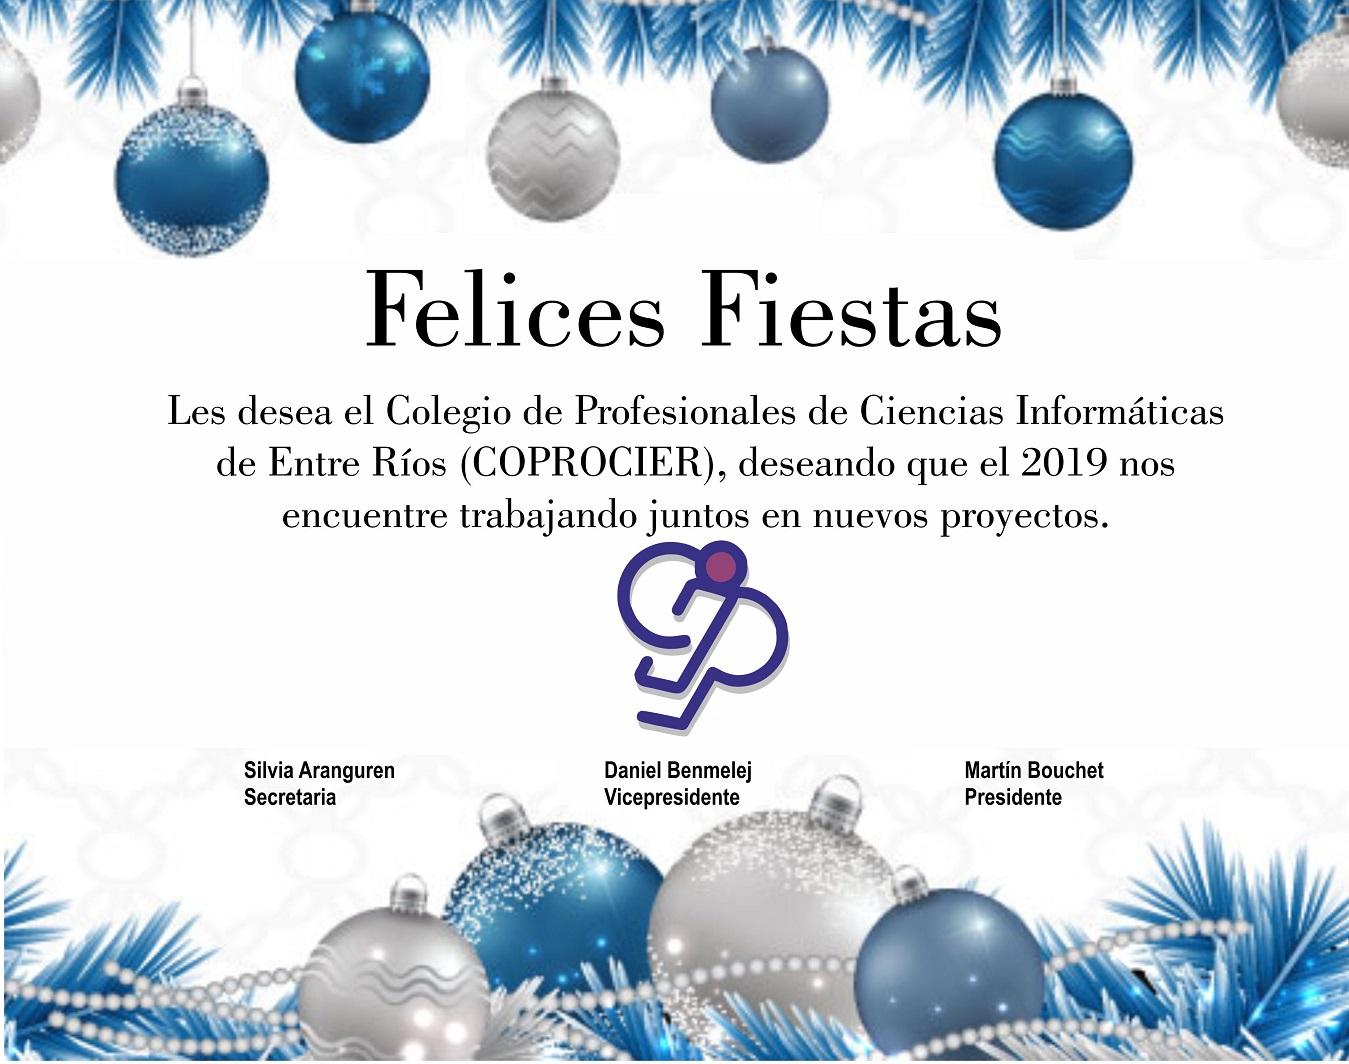 COPROCIER desea Felices Fiestas